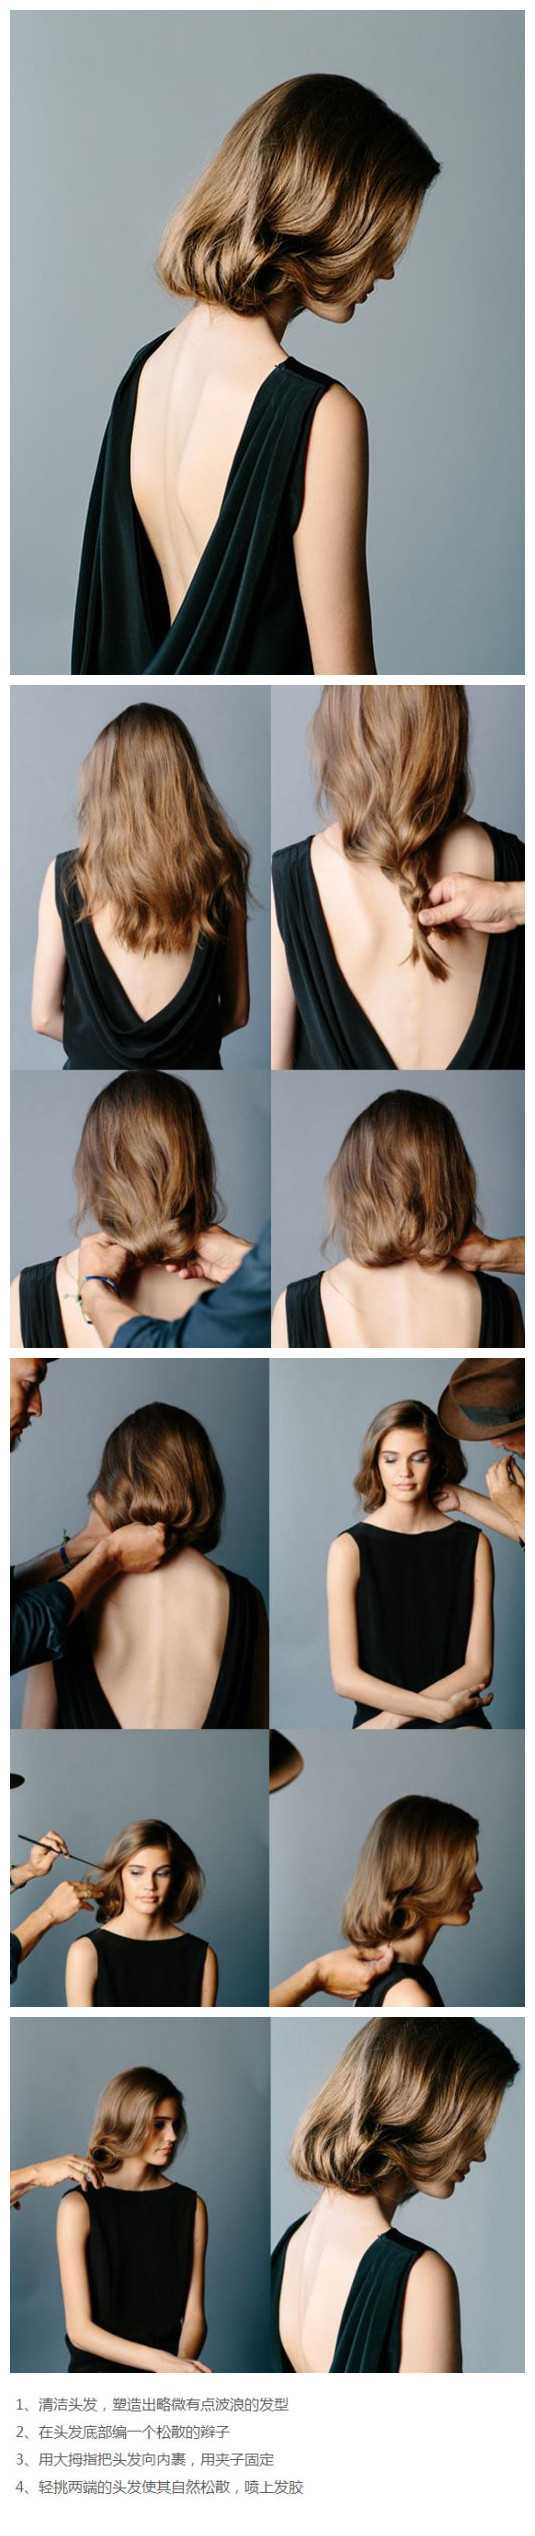 """冬天留长发的妹纸注意了,想要发型不被这""""妖风""""吹乱,靓靓教你把头发藏图片"""